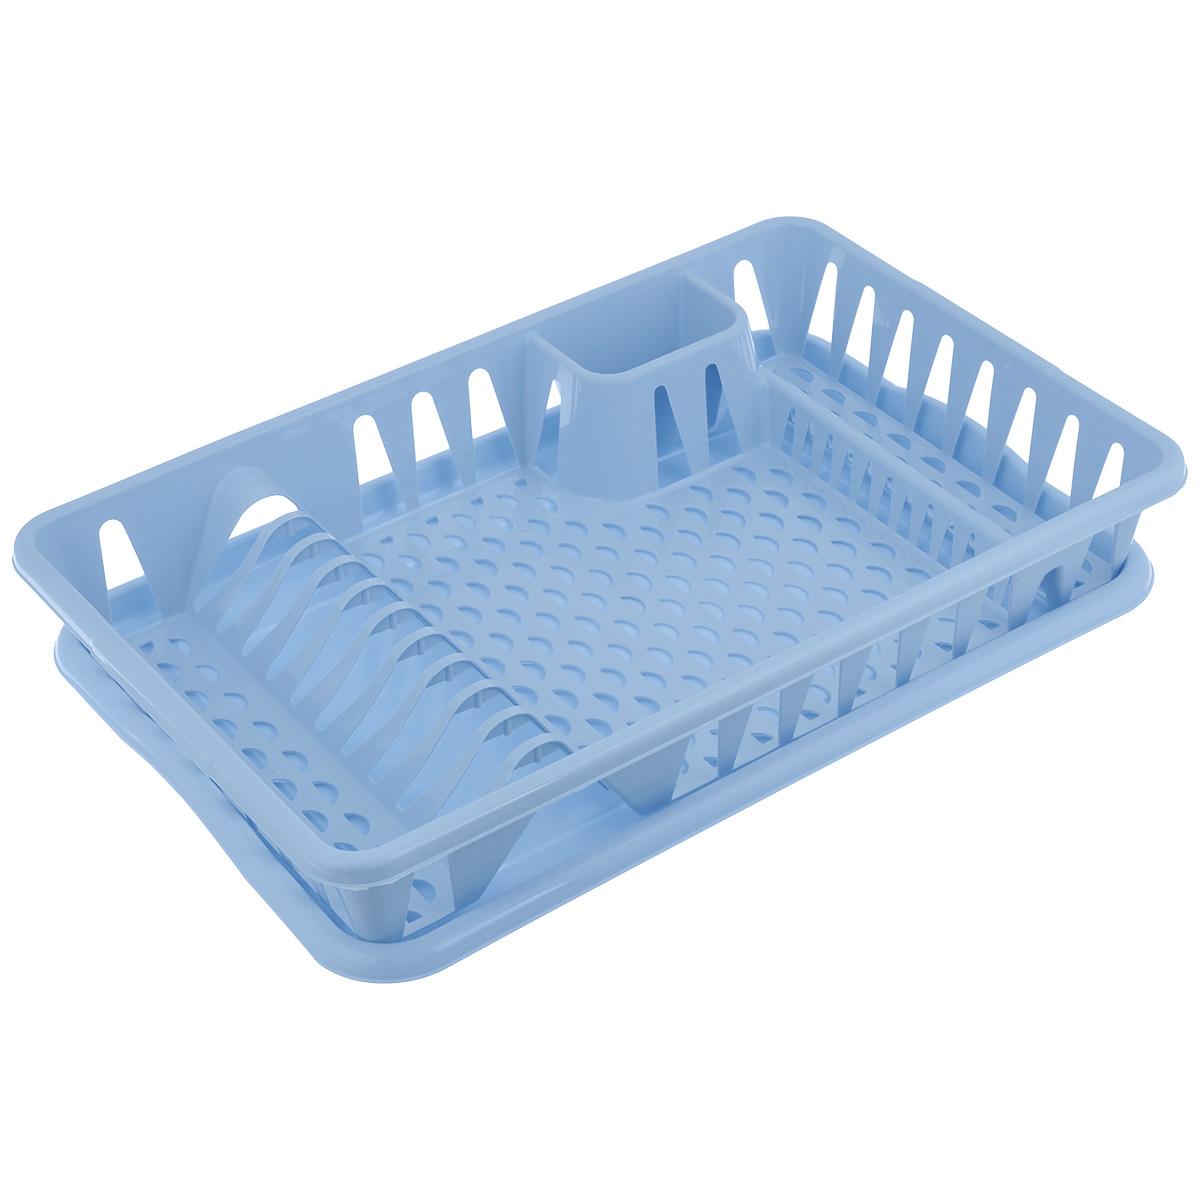 Сушилка для посуды Idea, с поддоном, цвет: голубой, 50 см х 32,5 см х 8 смМ 1169Сушилка Idea, выполненная из прочного пластика, представляет собой решетку с ячейками, в которые помещается посуда: тарелки, кружки, ложки, ножи. Изделие оснащено пластиковым поддоном для стекания воды. Сушилку можно установить в любом удобном месте. На ней можно разместить большое количество предметов. Вместительные размеры и оригинальный дизайн выделяют эту сушку из ряда подобных. Размер сушилки: 46,5 см х 37 см х 9 см. Размер поддона: 48,5см х 32 см х 2,5 см.